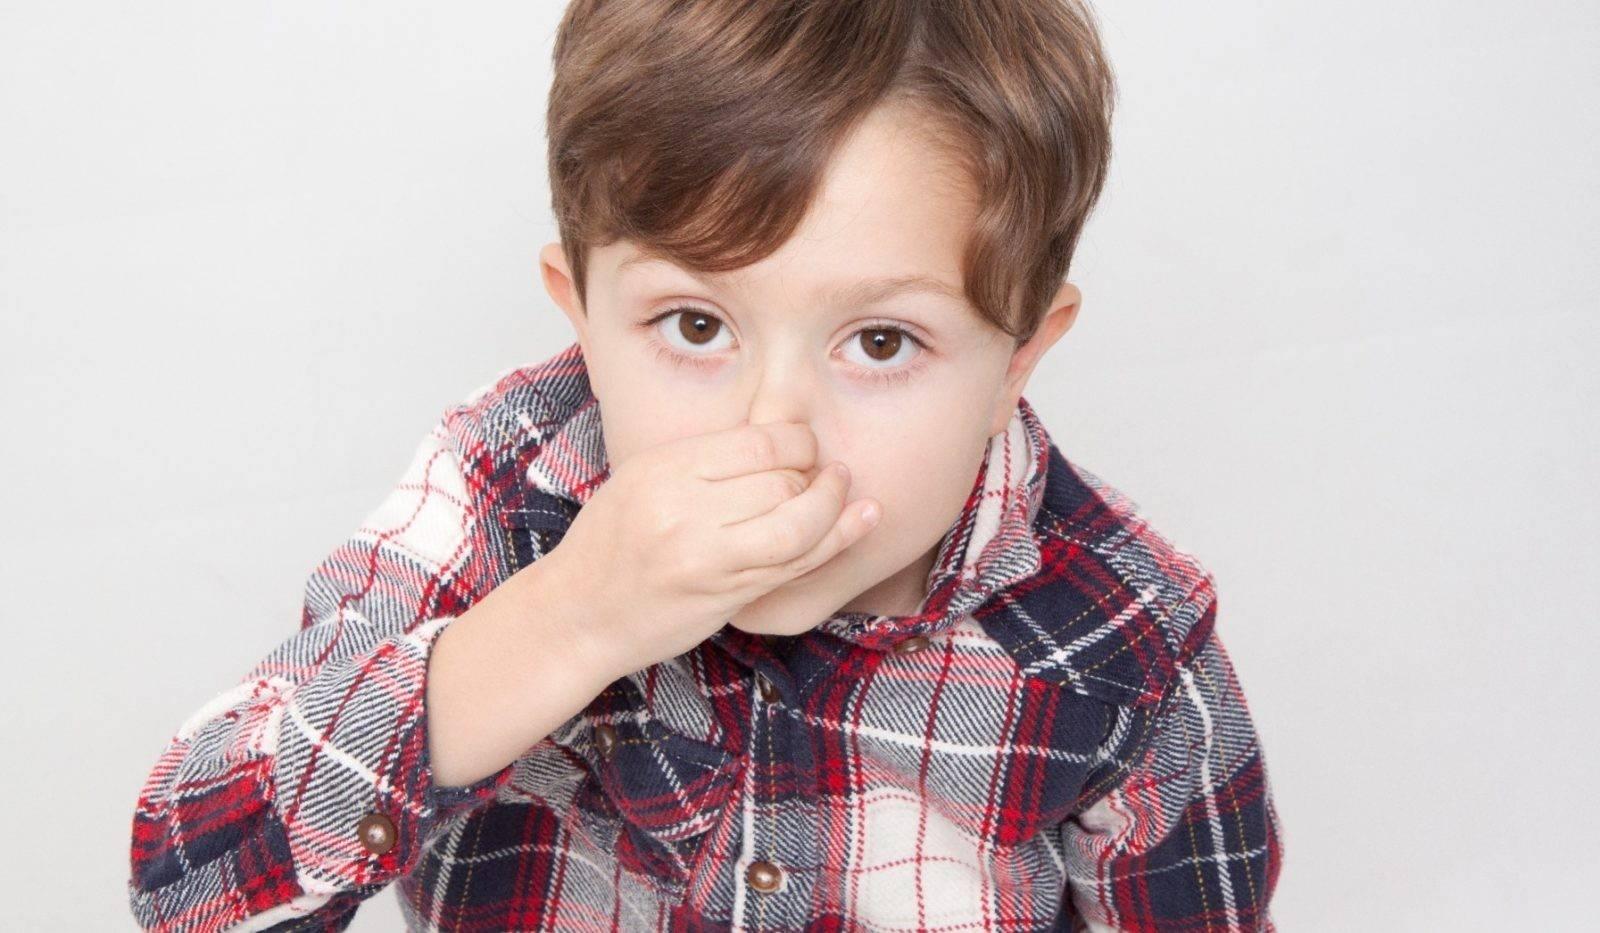 У ребенка из носа течет кровь при высокой температуре